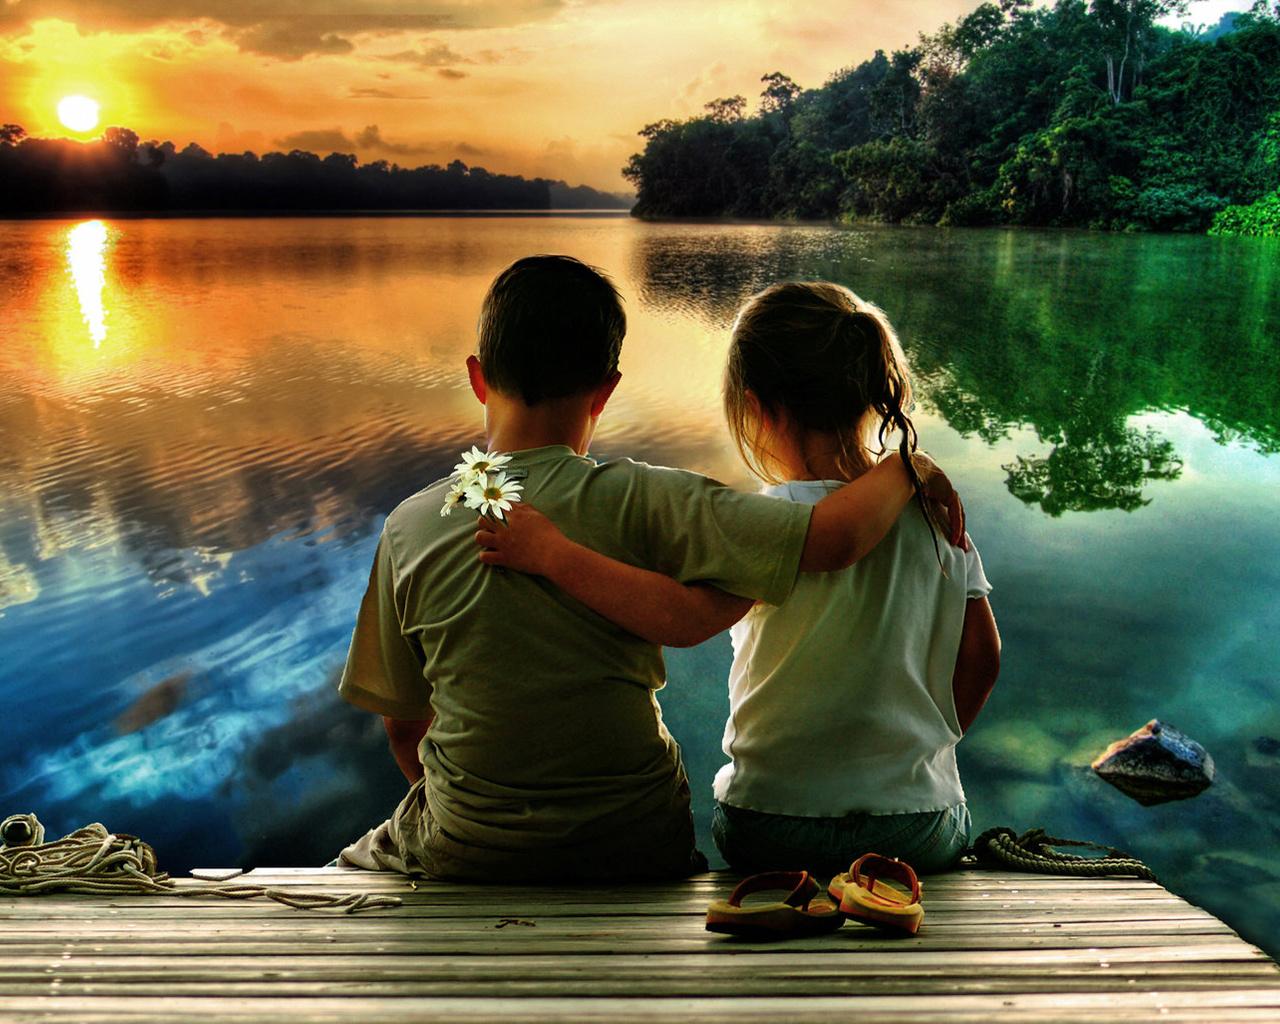 http://3.bp.blogspot.com/-1C0Ob3HnH1w/TiqgaNQSZhI/AAAAAAAACtQ/JJ6QmQfHc5A/s1600/2011-friendship-day-collection.jpg